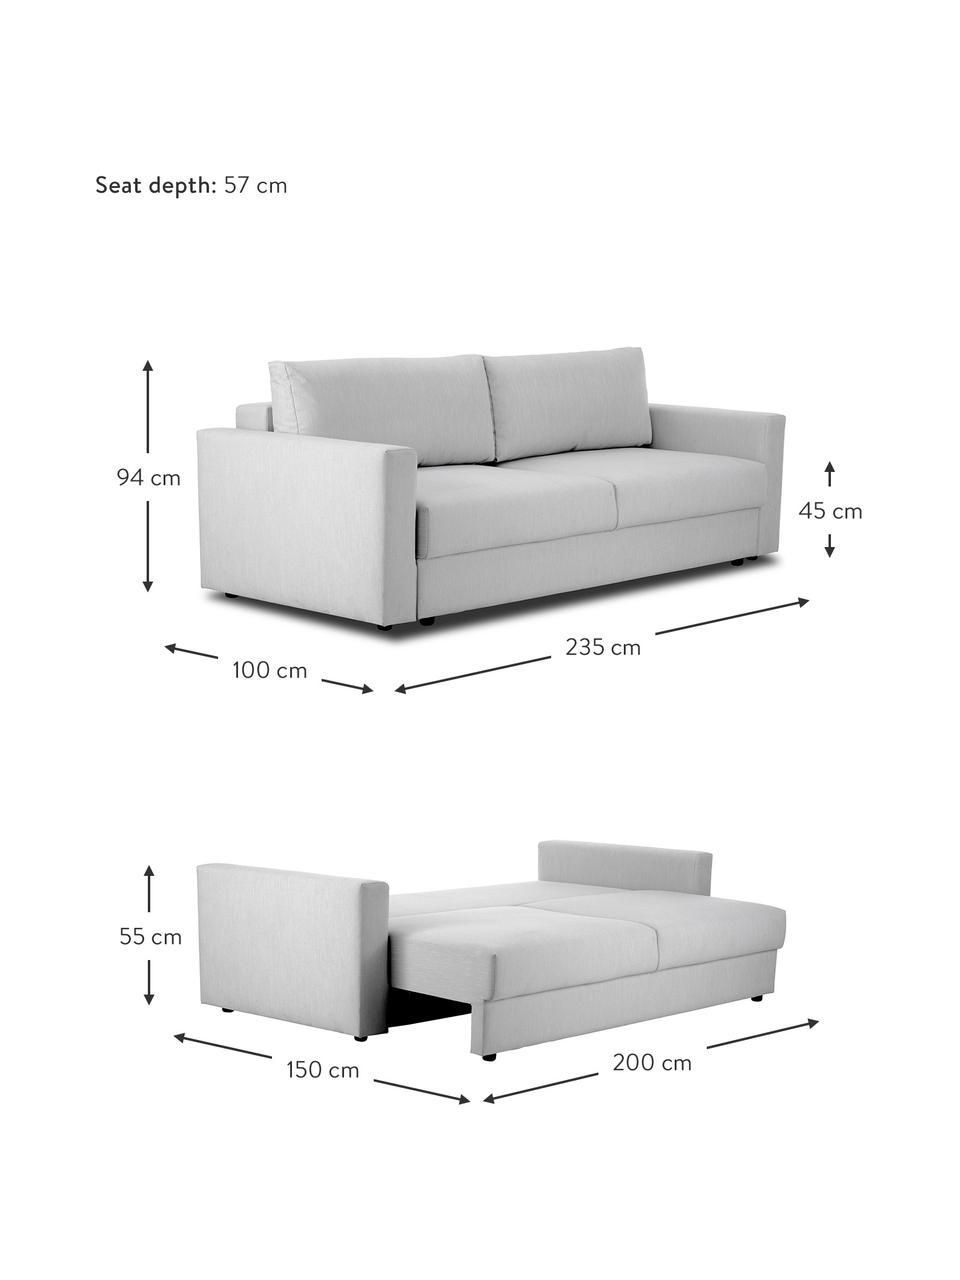 Sofa rozkładana Tasha, Tapicerka: 100% poliester Dzięki tka, Nogi: lite drewno sosnowe, skle, Nogi: tworzywo sztuczne, Szary, S 235 x G 100 cm